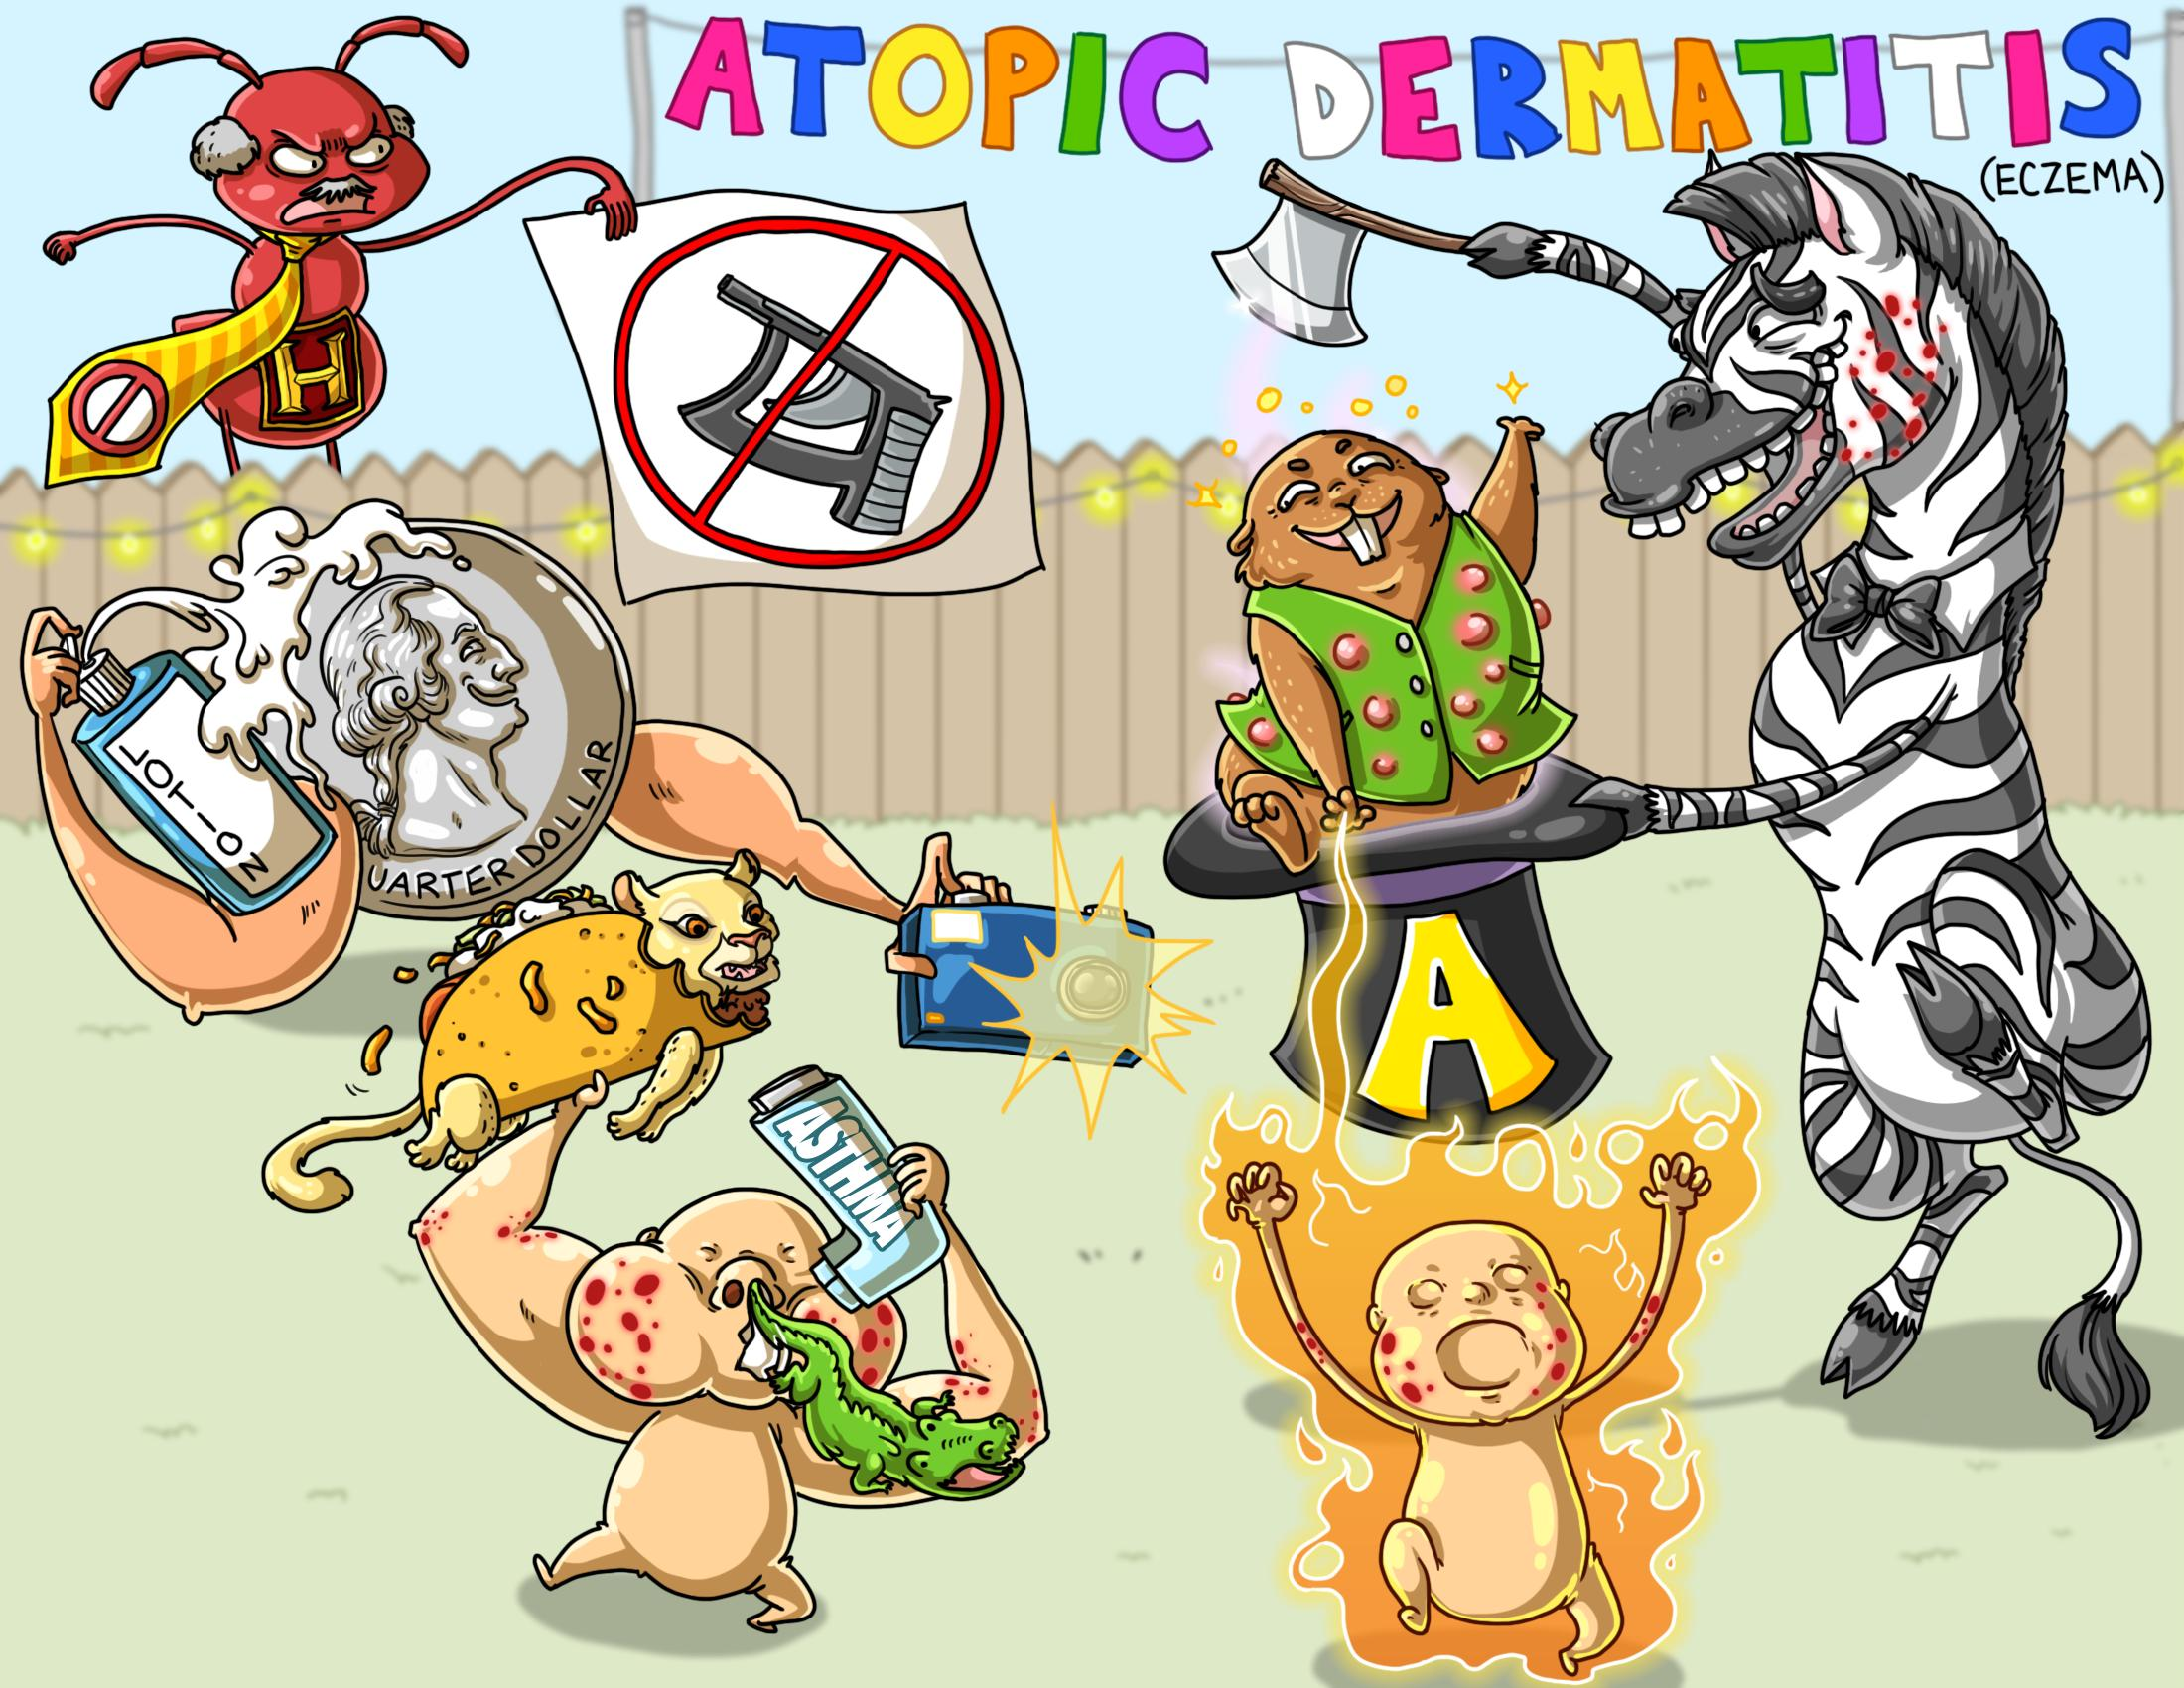 Atopic Dermatitis / Eczema